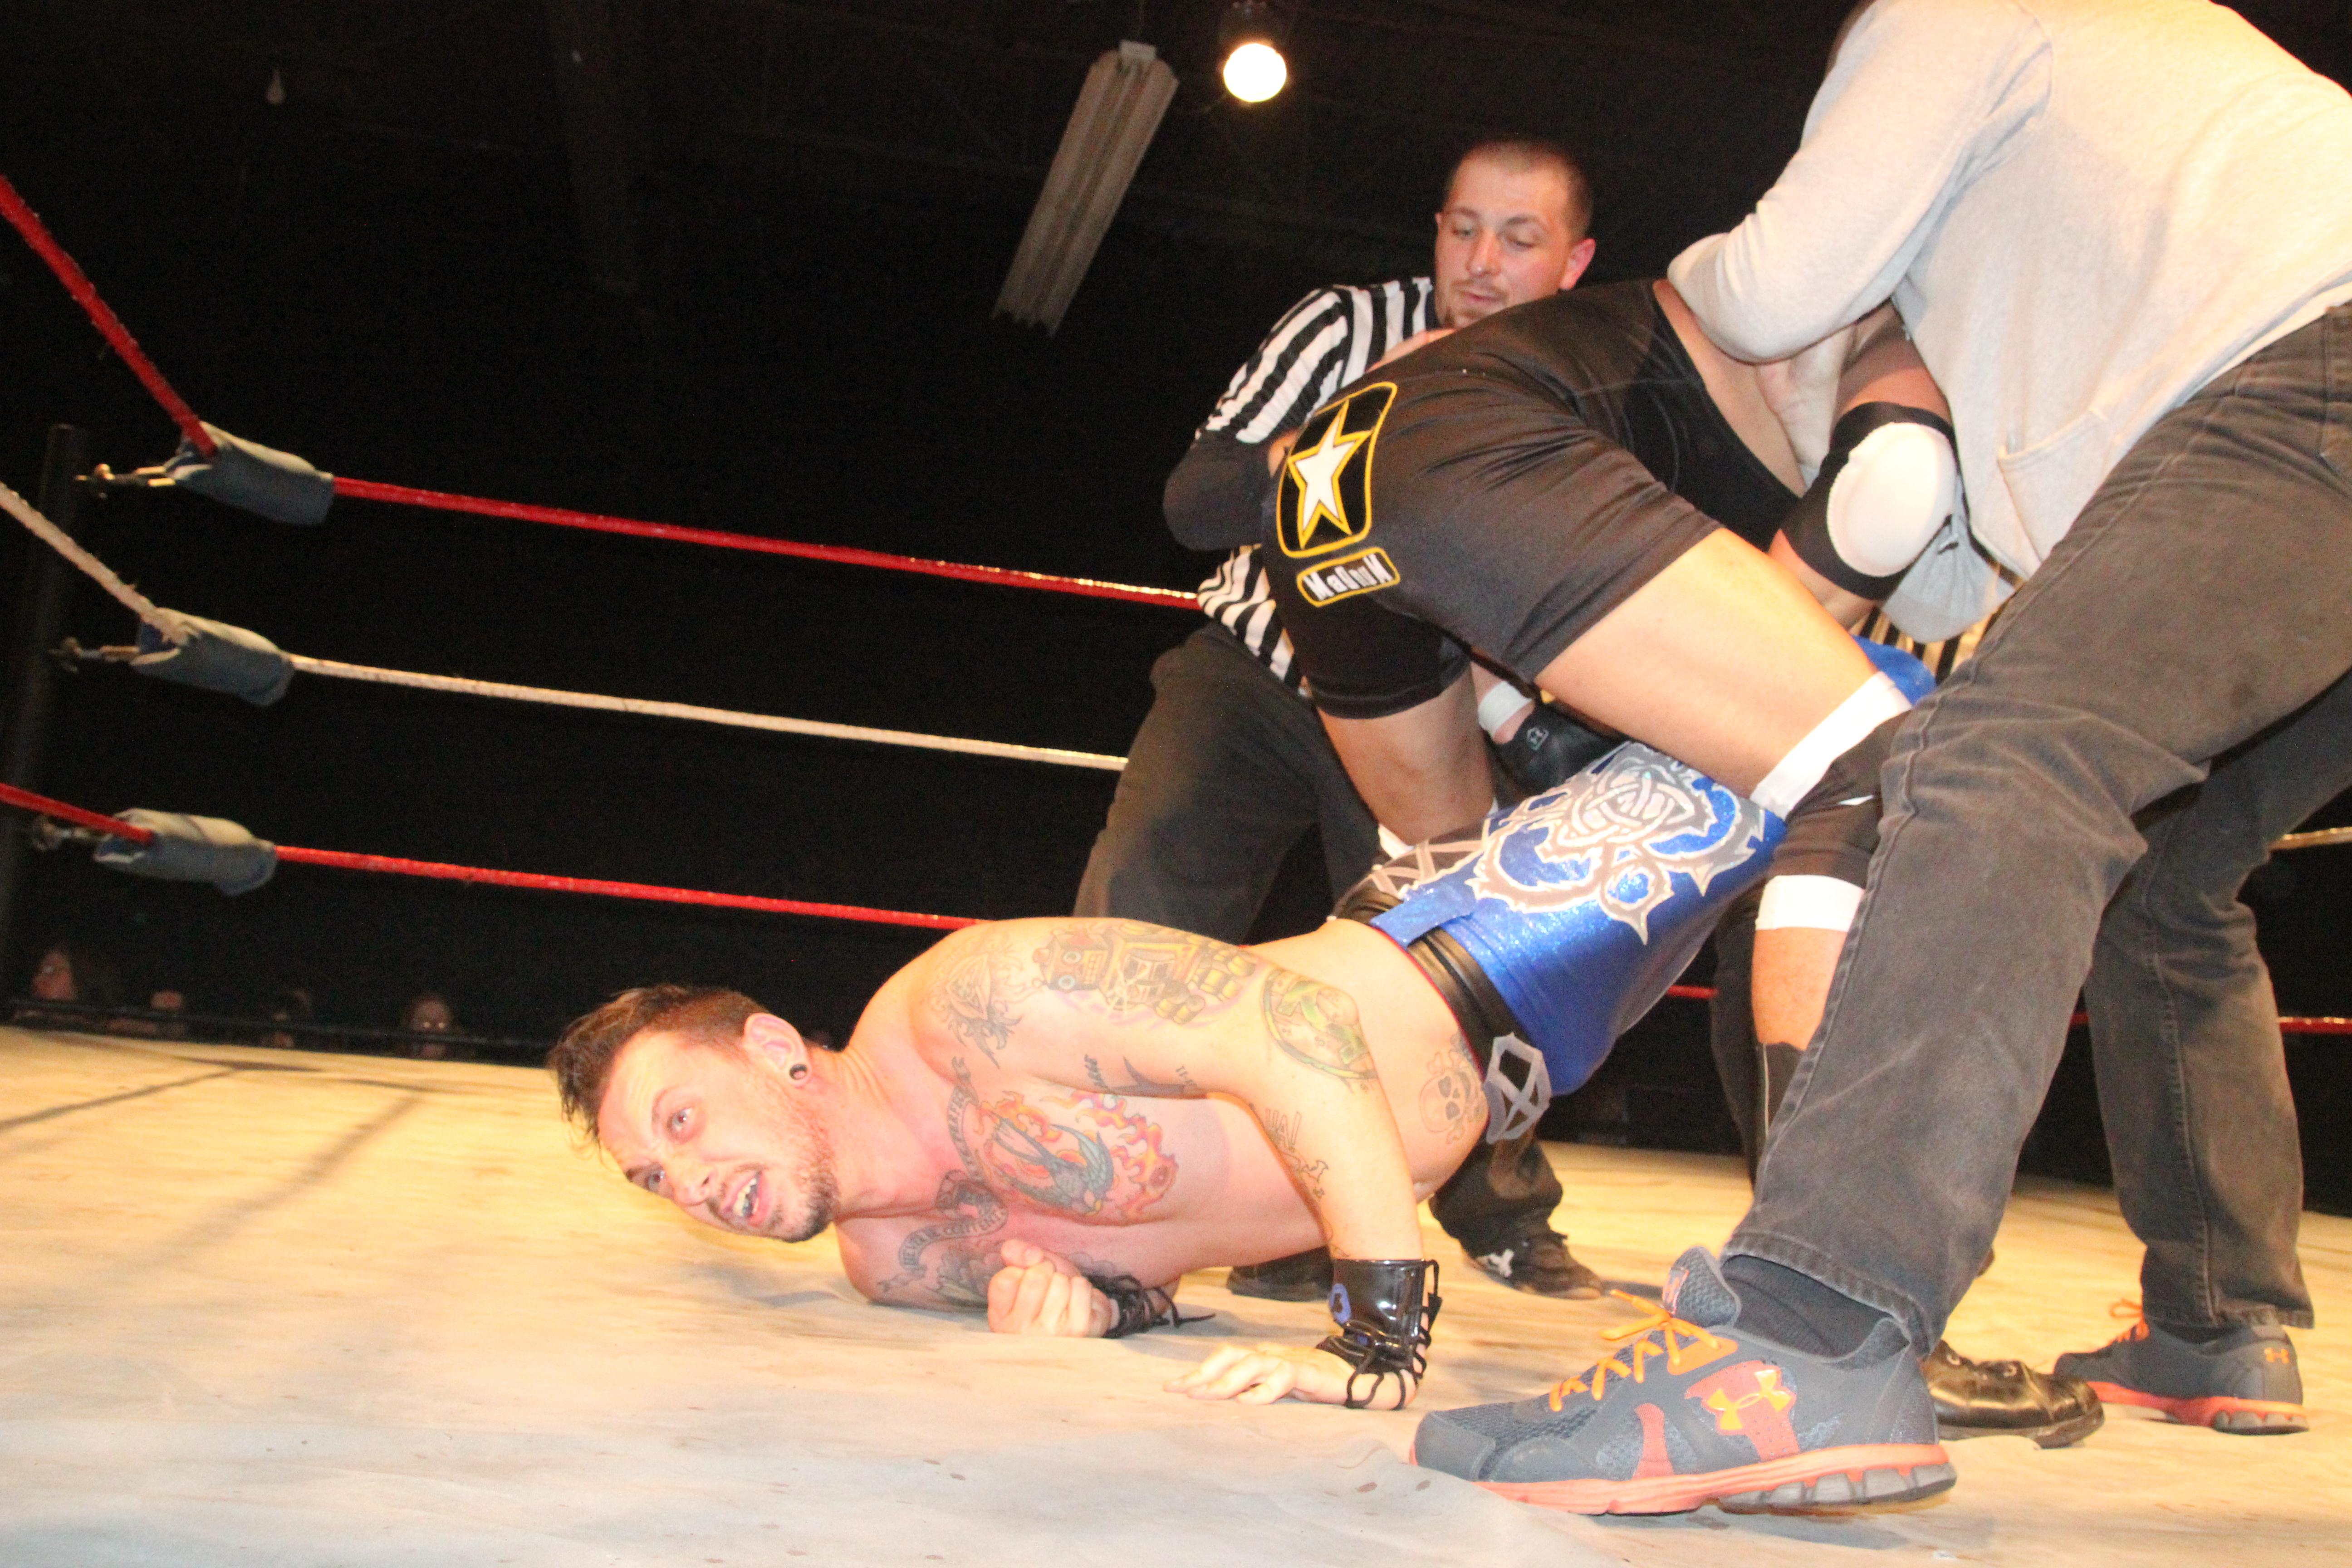 Magnum destroys Murphy before match